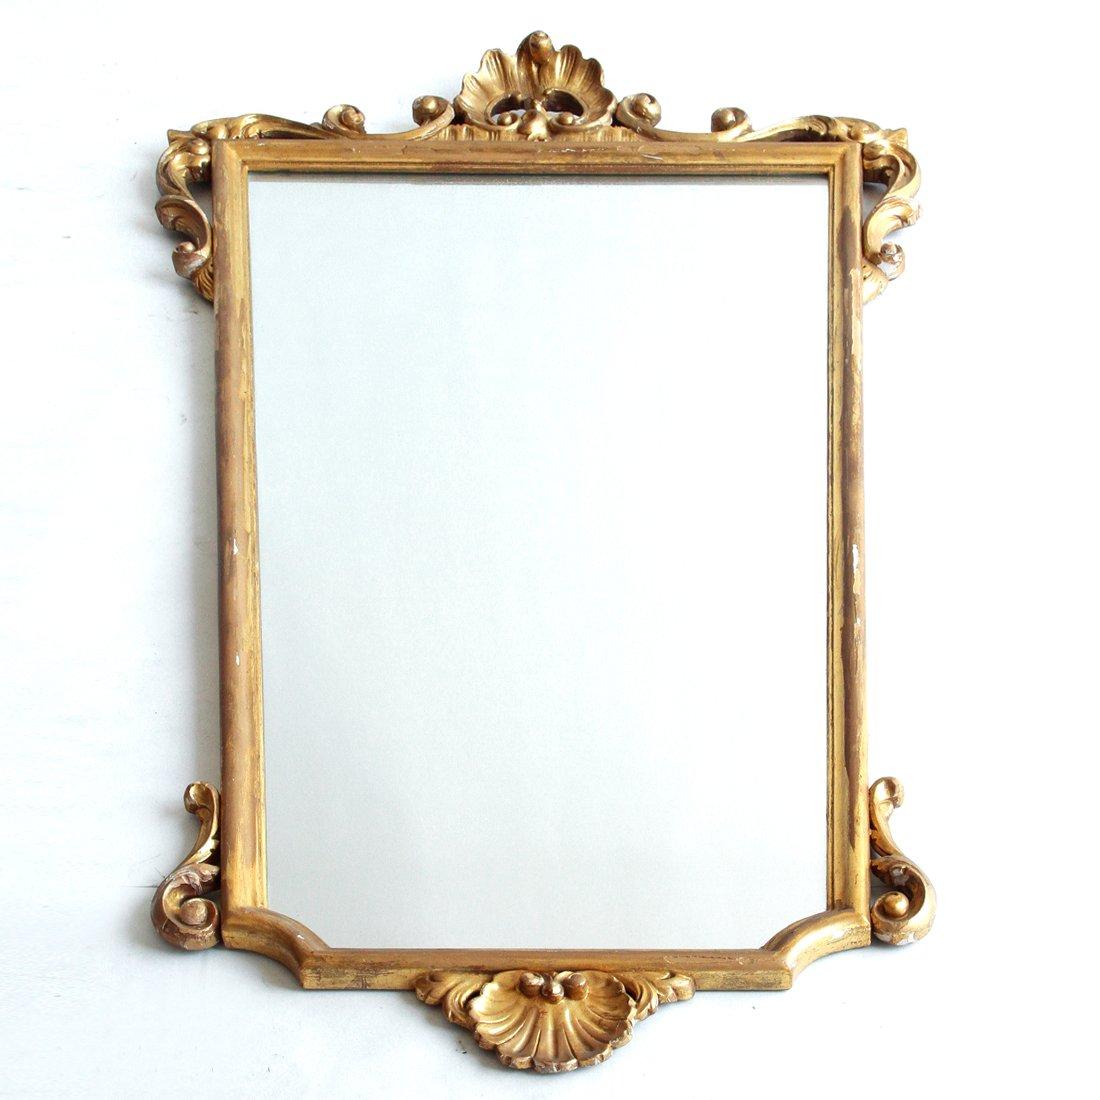 Grand miroir avec cadre dor italie 1940s en vente sur for Miroir cadre